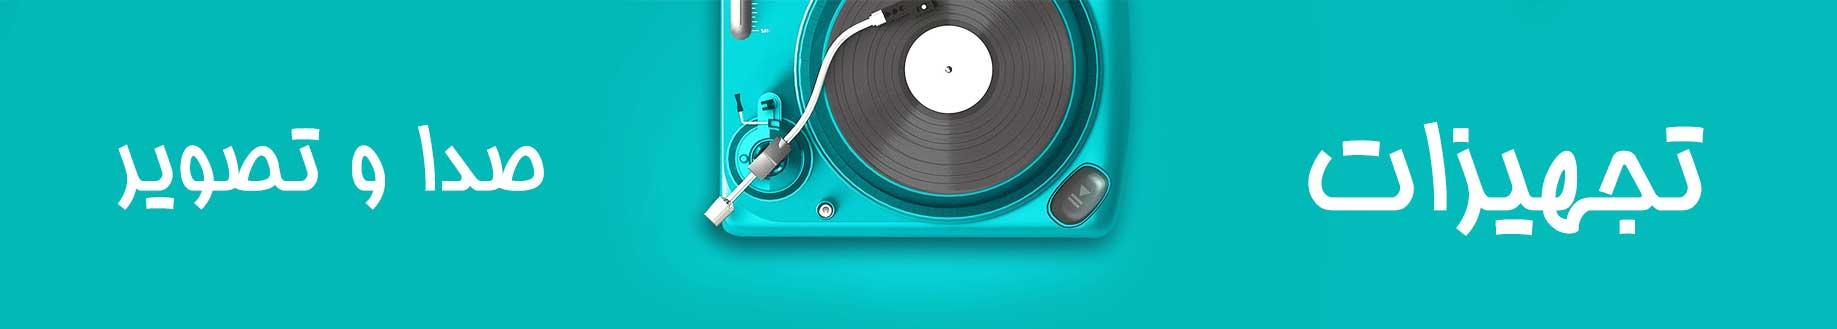 تجهیزات-صدا-و-تصویر-01